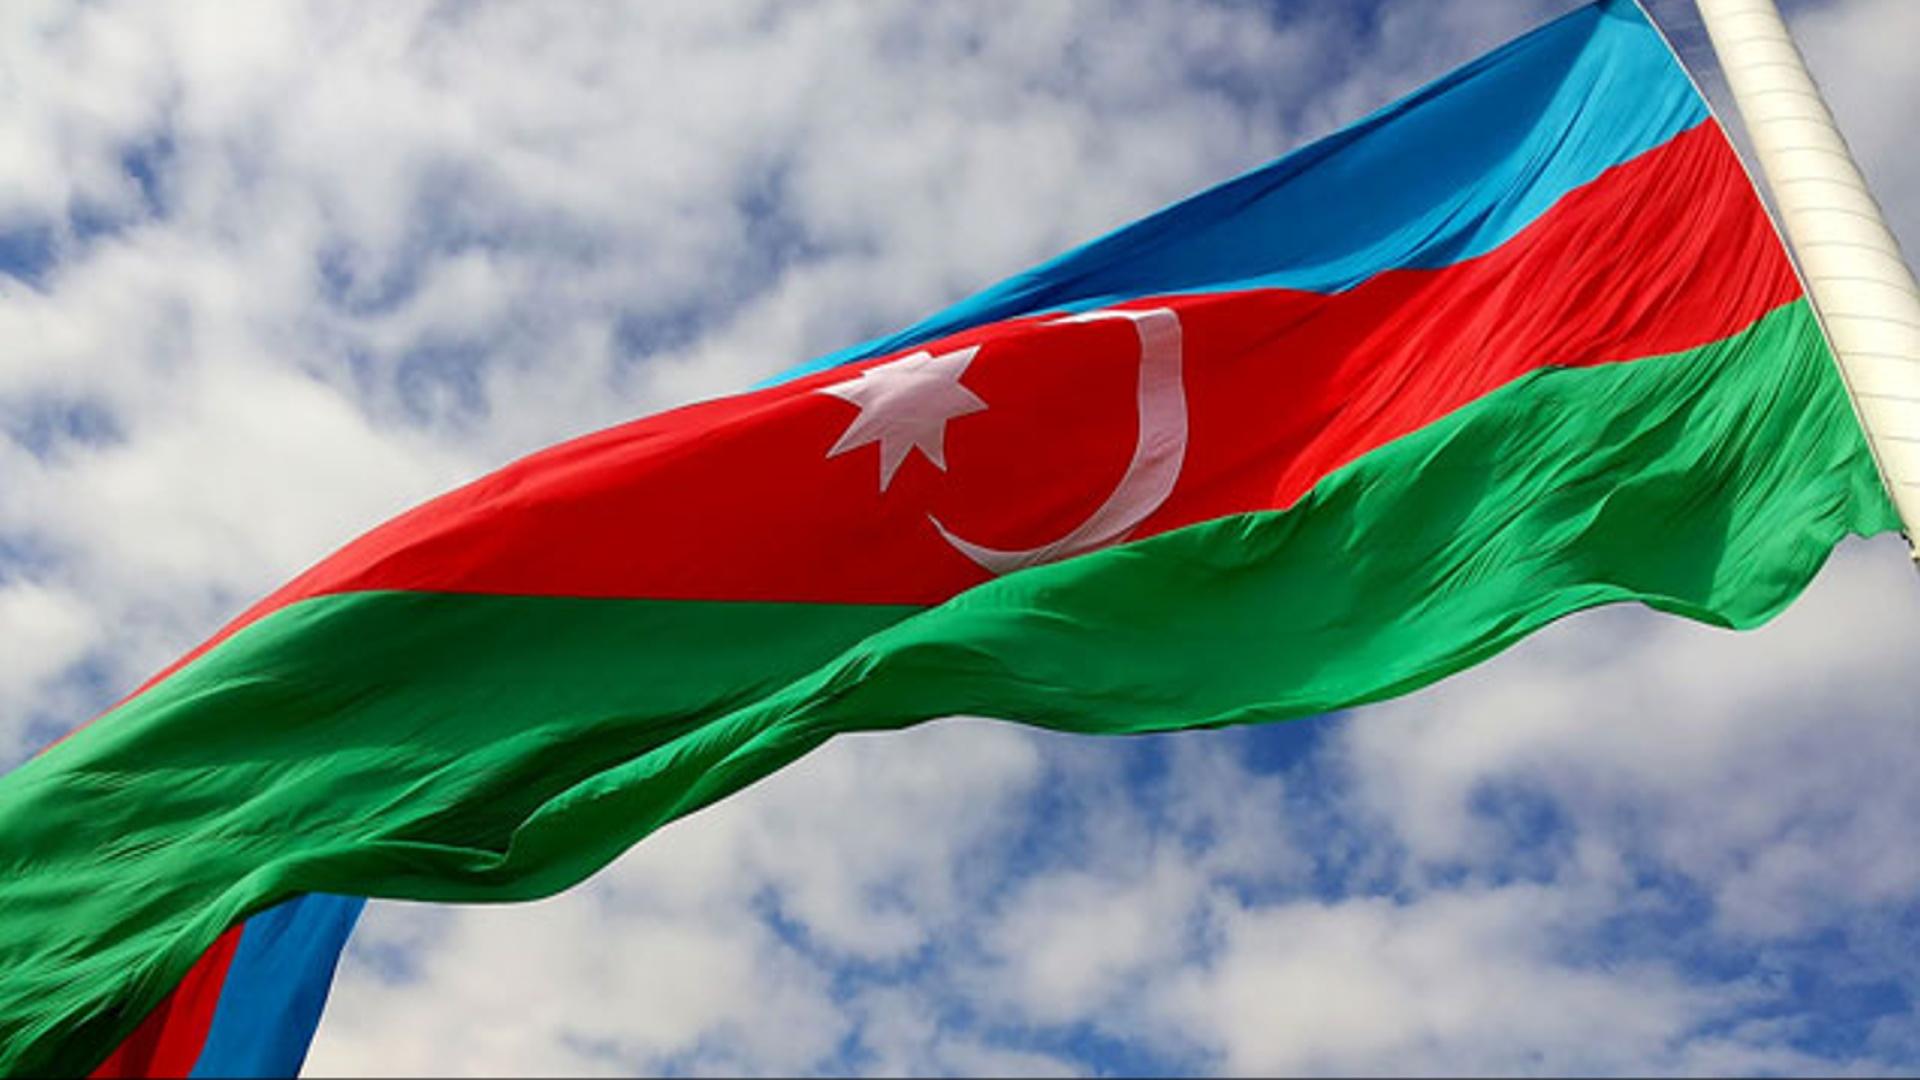 18 oktyabr - Dövlət Müstəqilliyi Günüdür